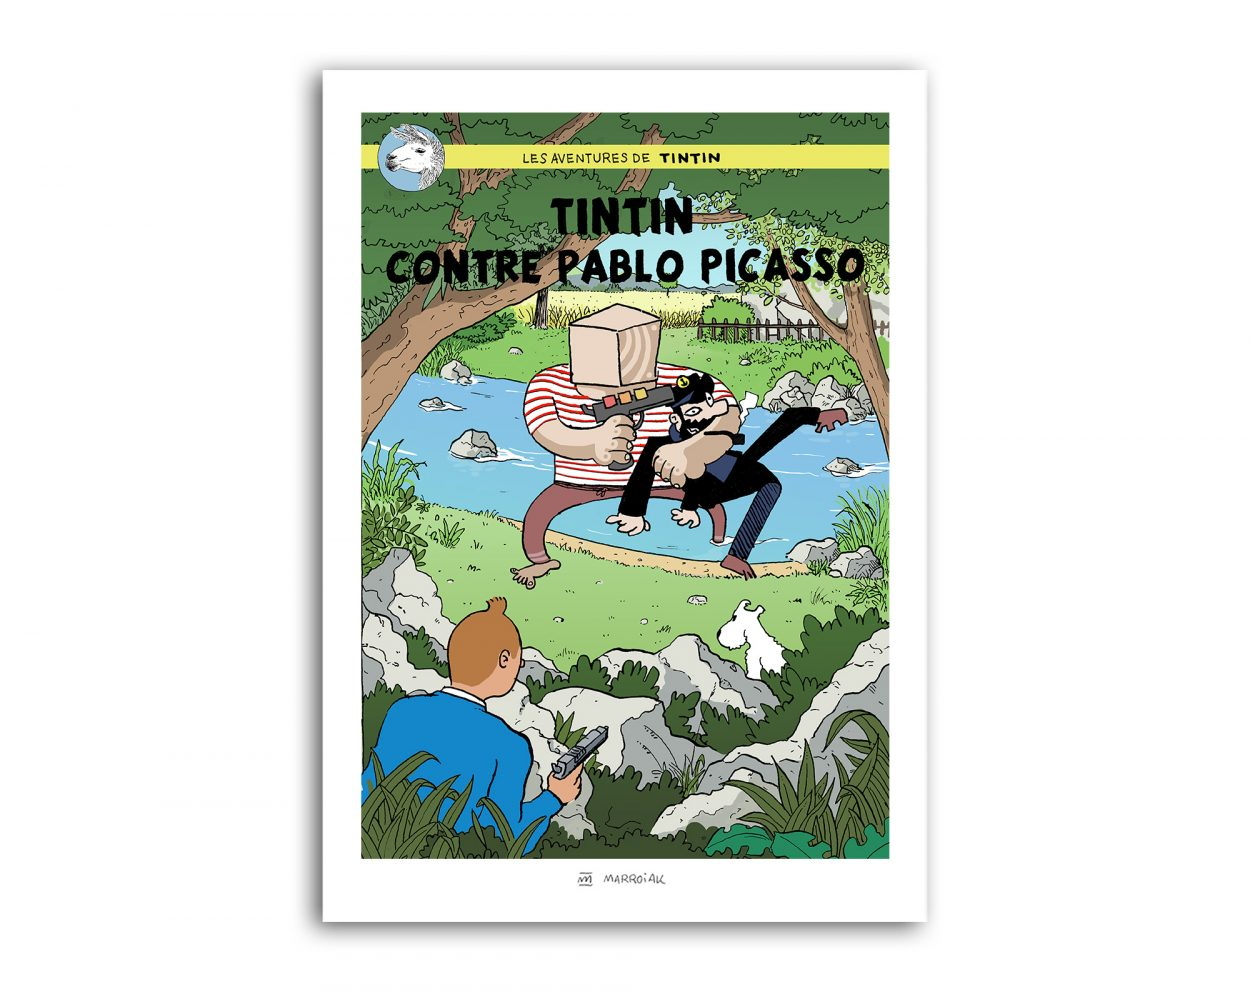 Dibujo de una portada del comic Tintin contra Pablo Picasso. Herge